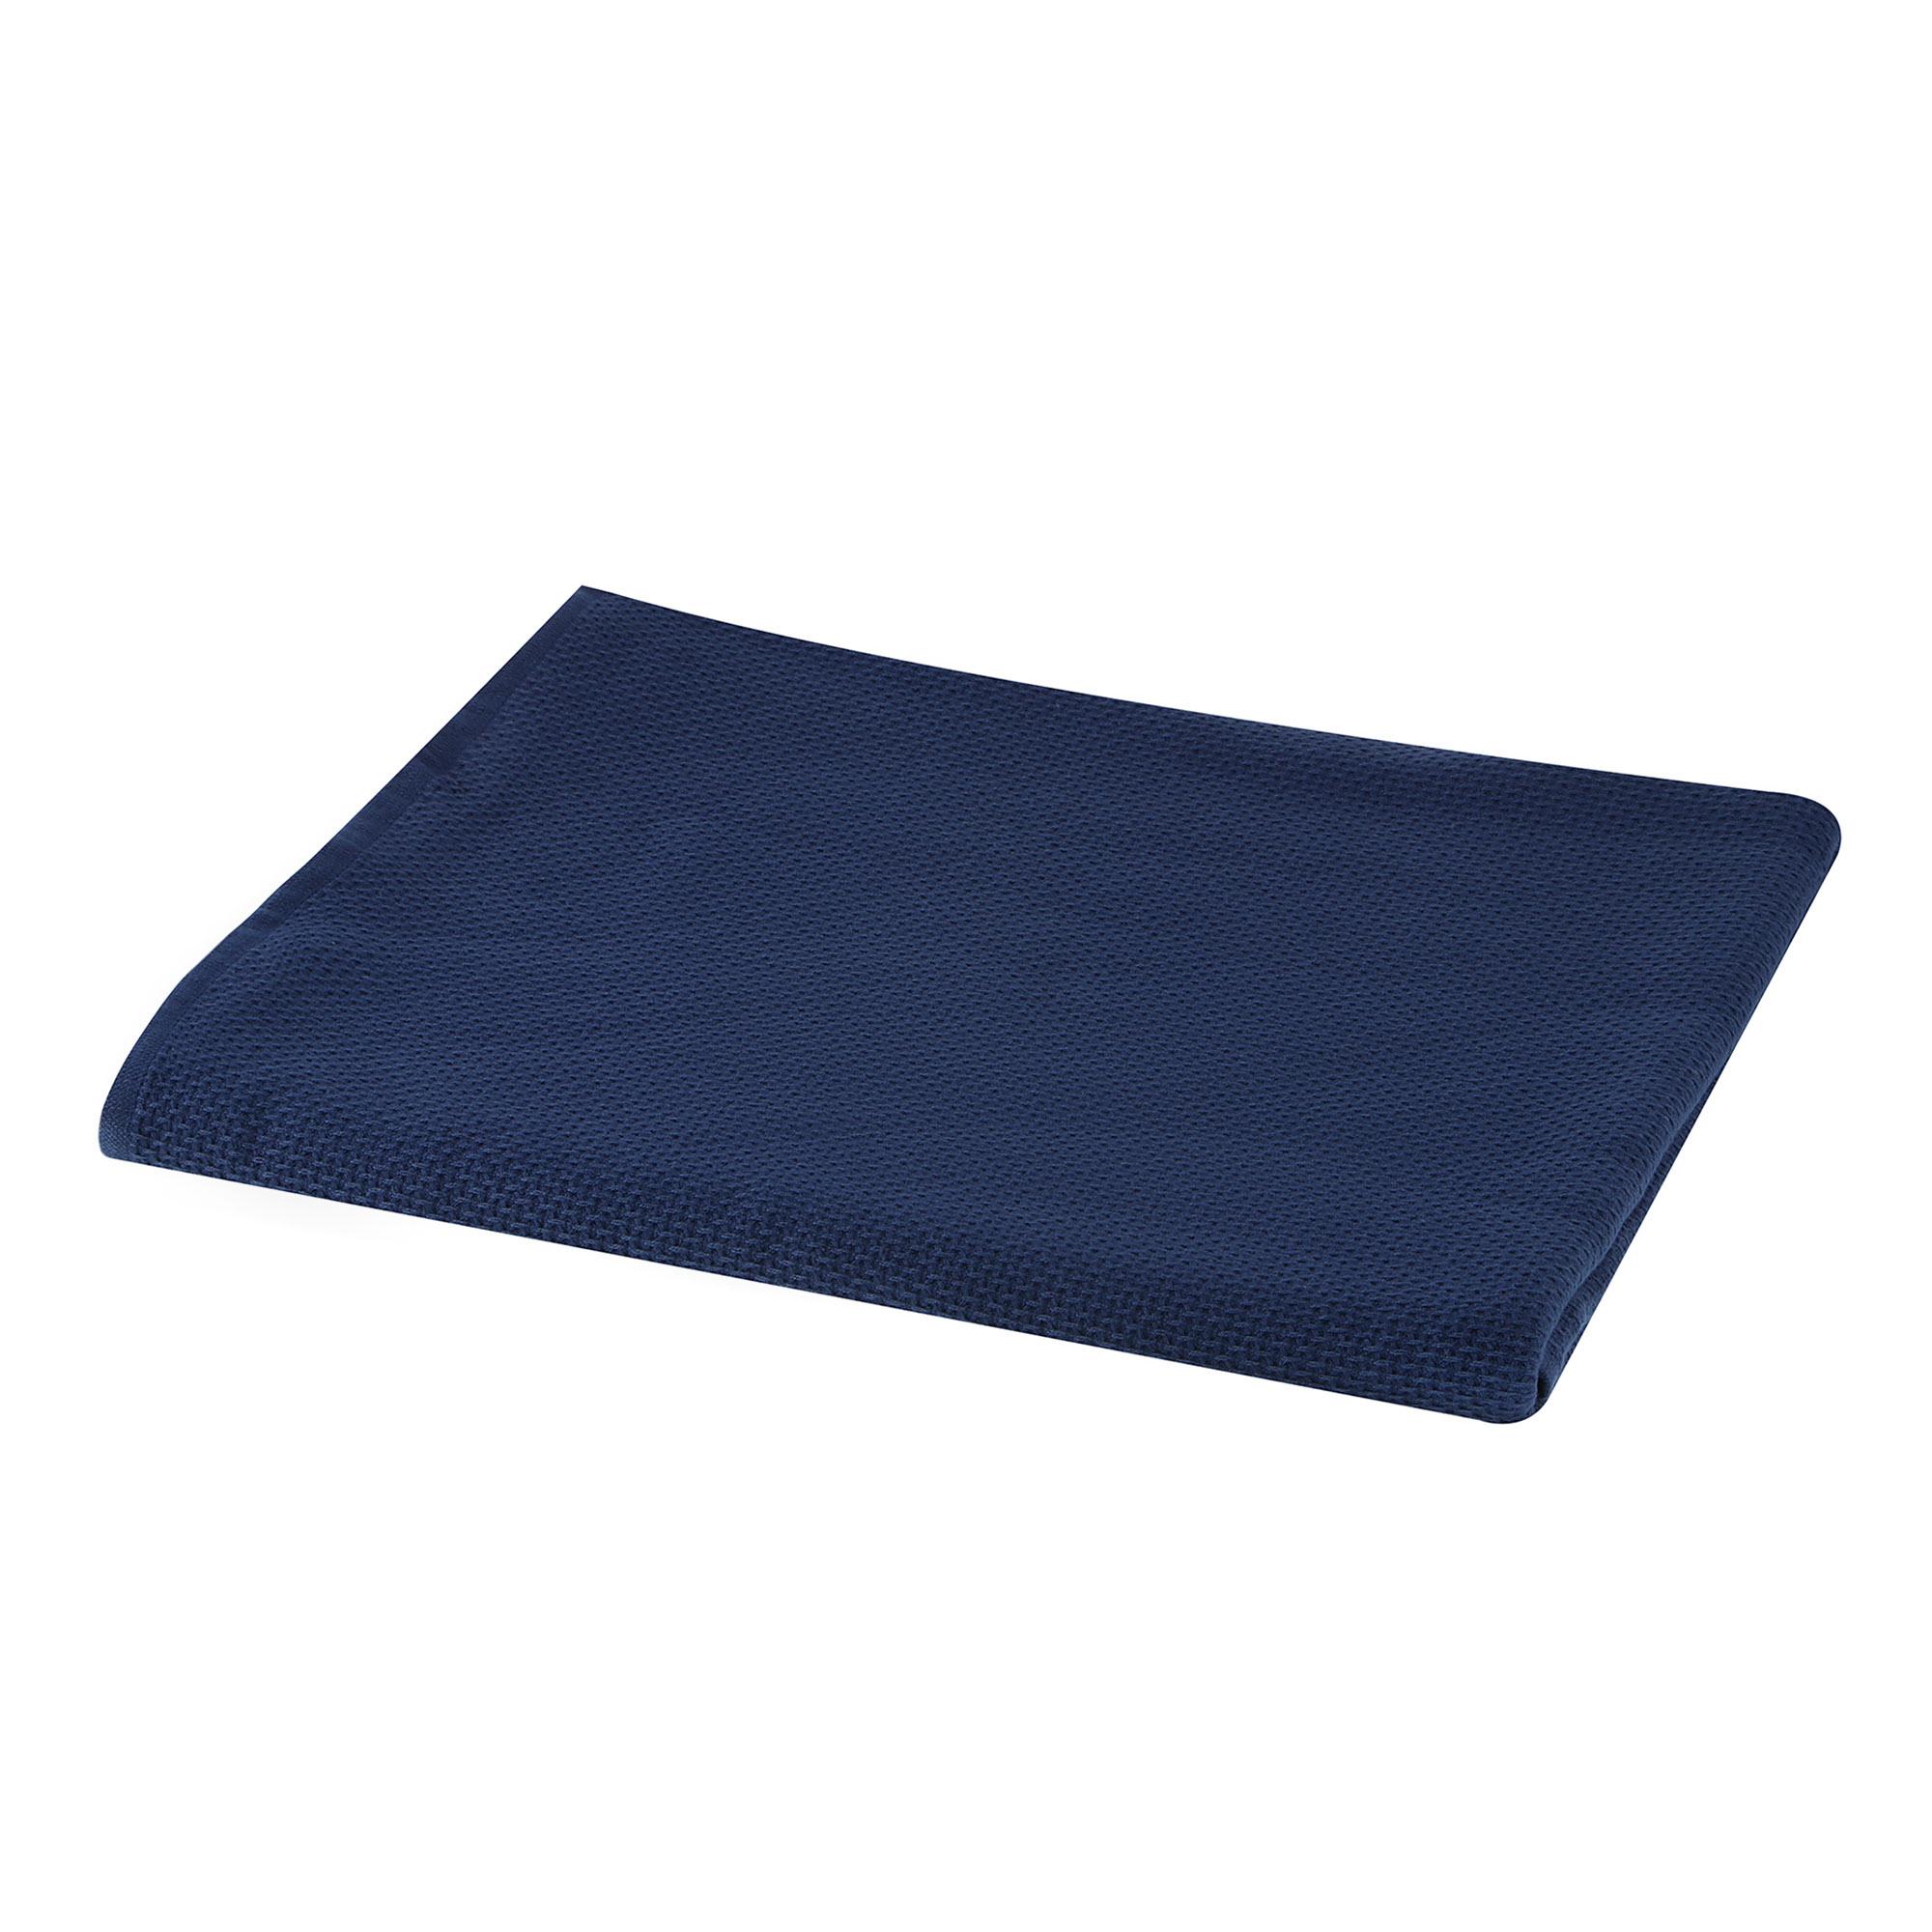 Полотенце двухстороннее Asil 50x100 d.blue.